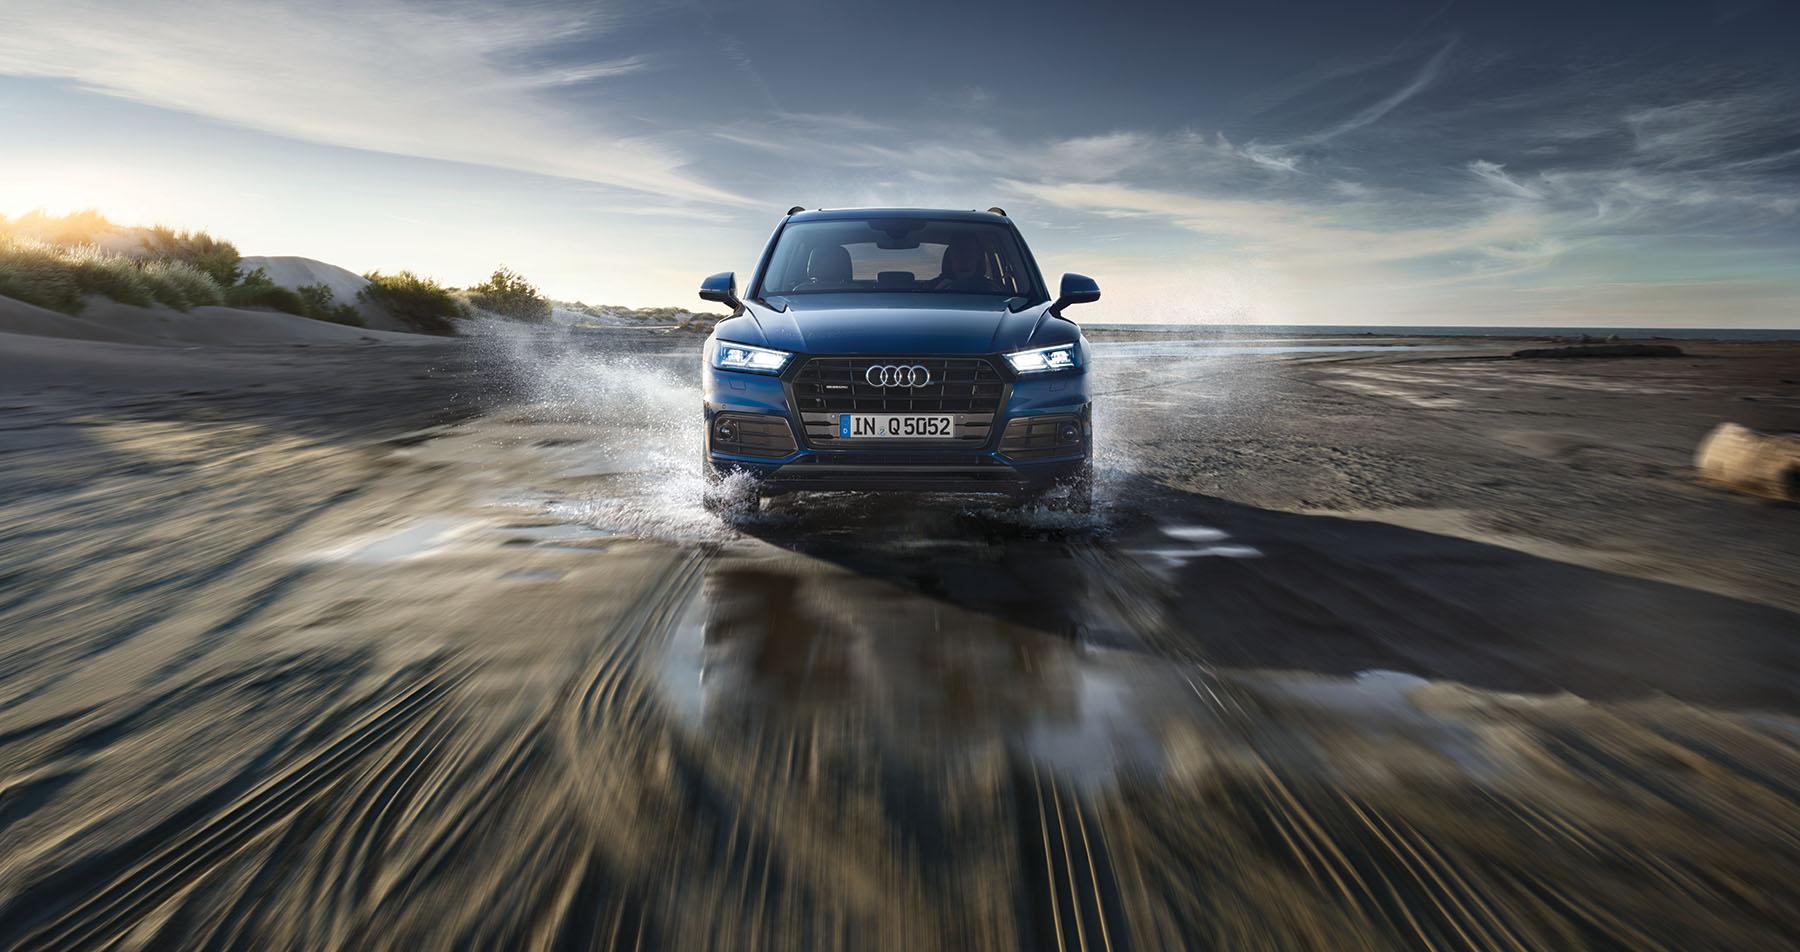 Novo Audi Q5 começa a ser vendido no Brasil